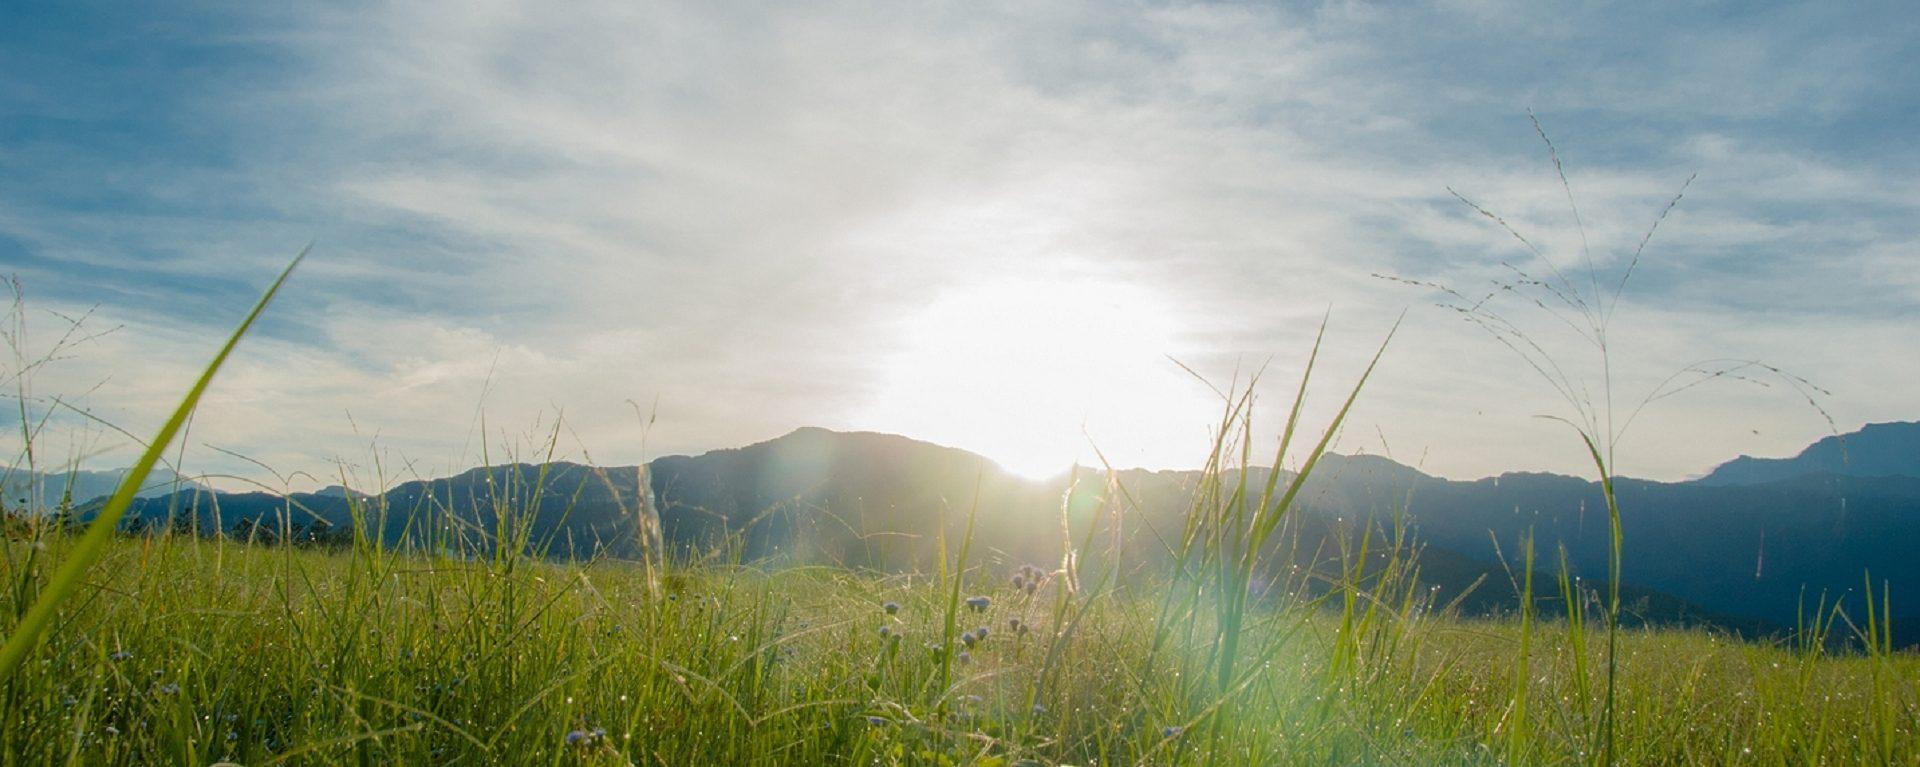 陽光灑落大草原